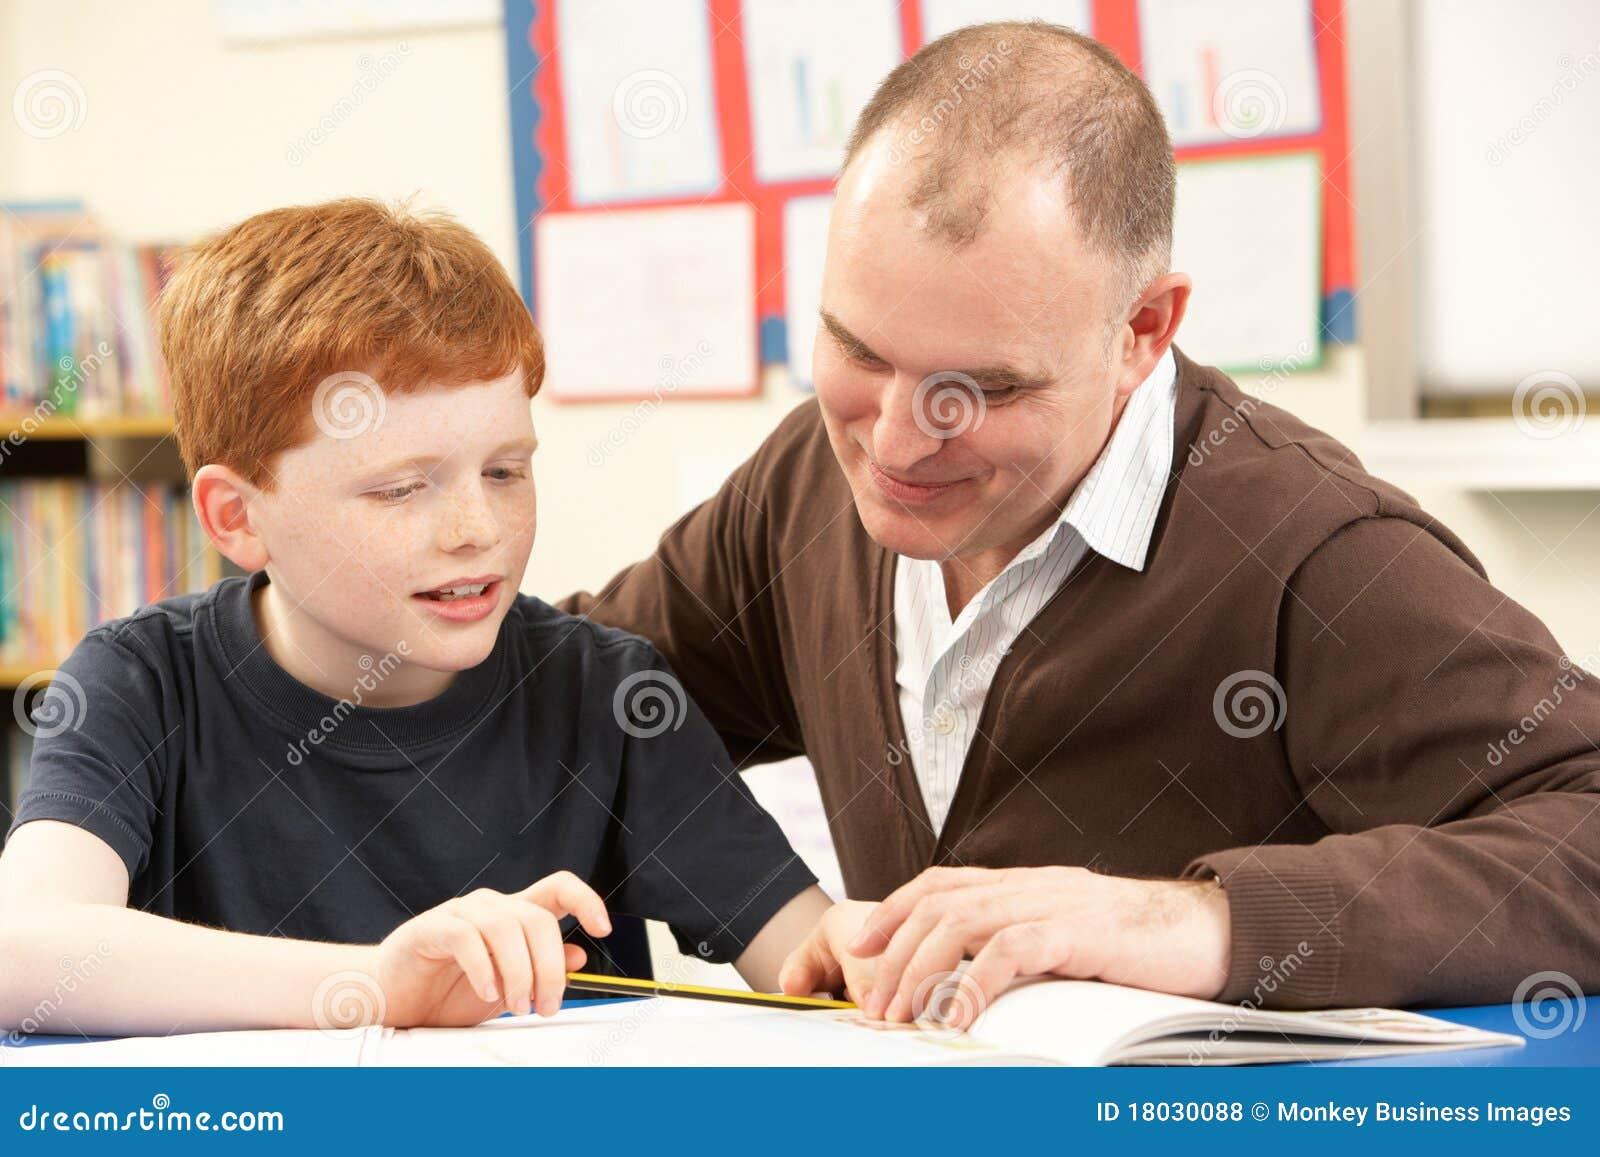 С учителем на столе 16 фотография